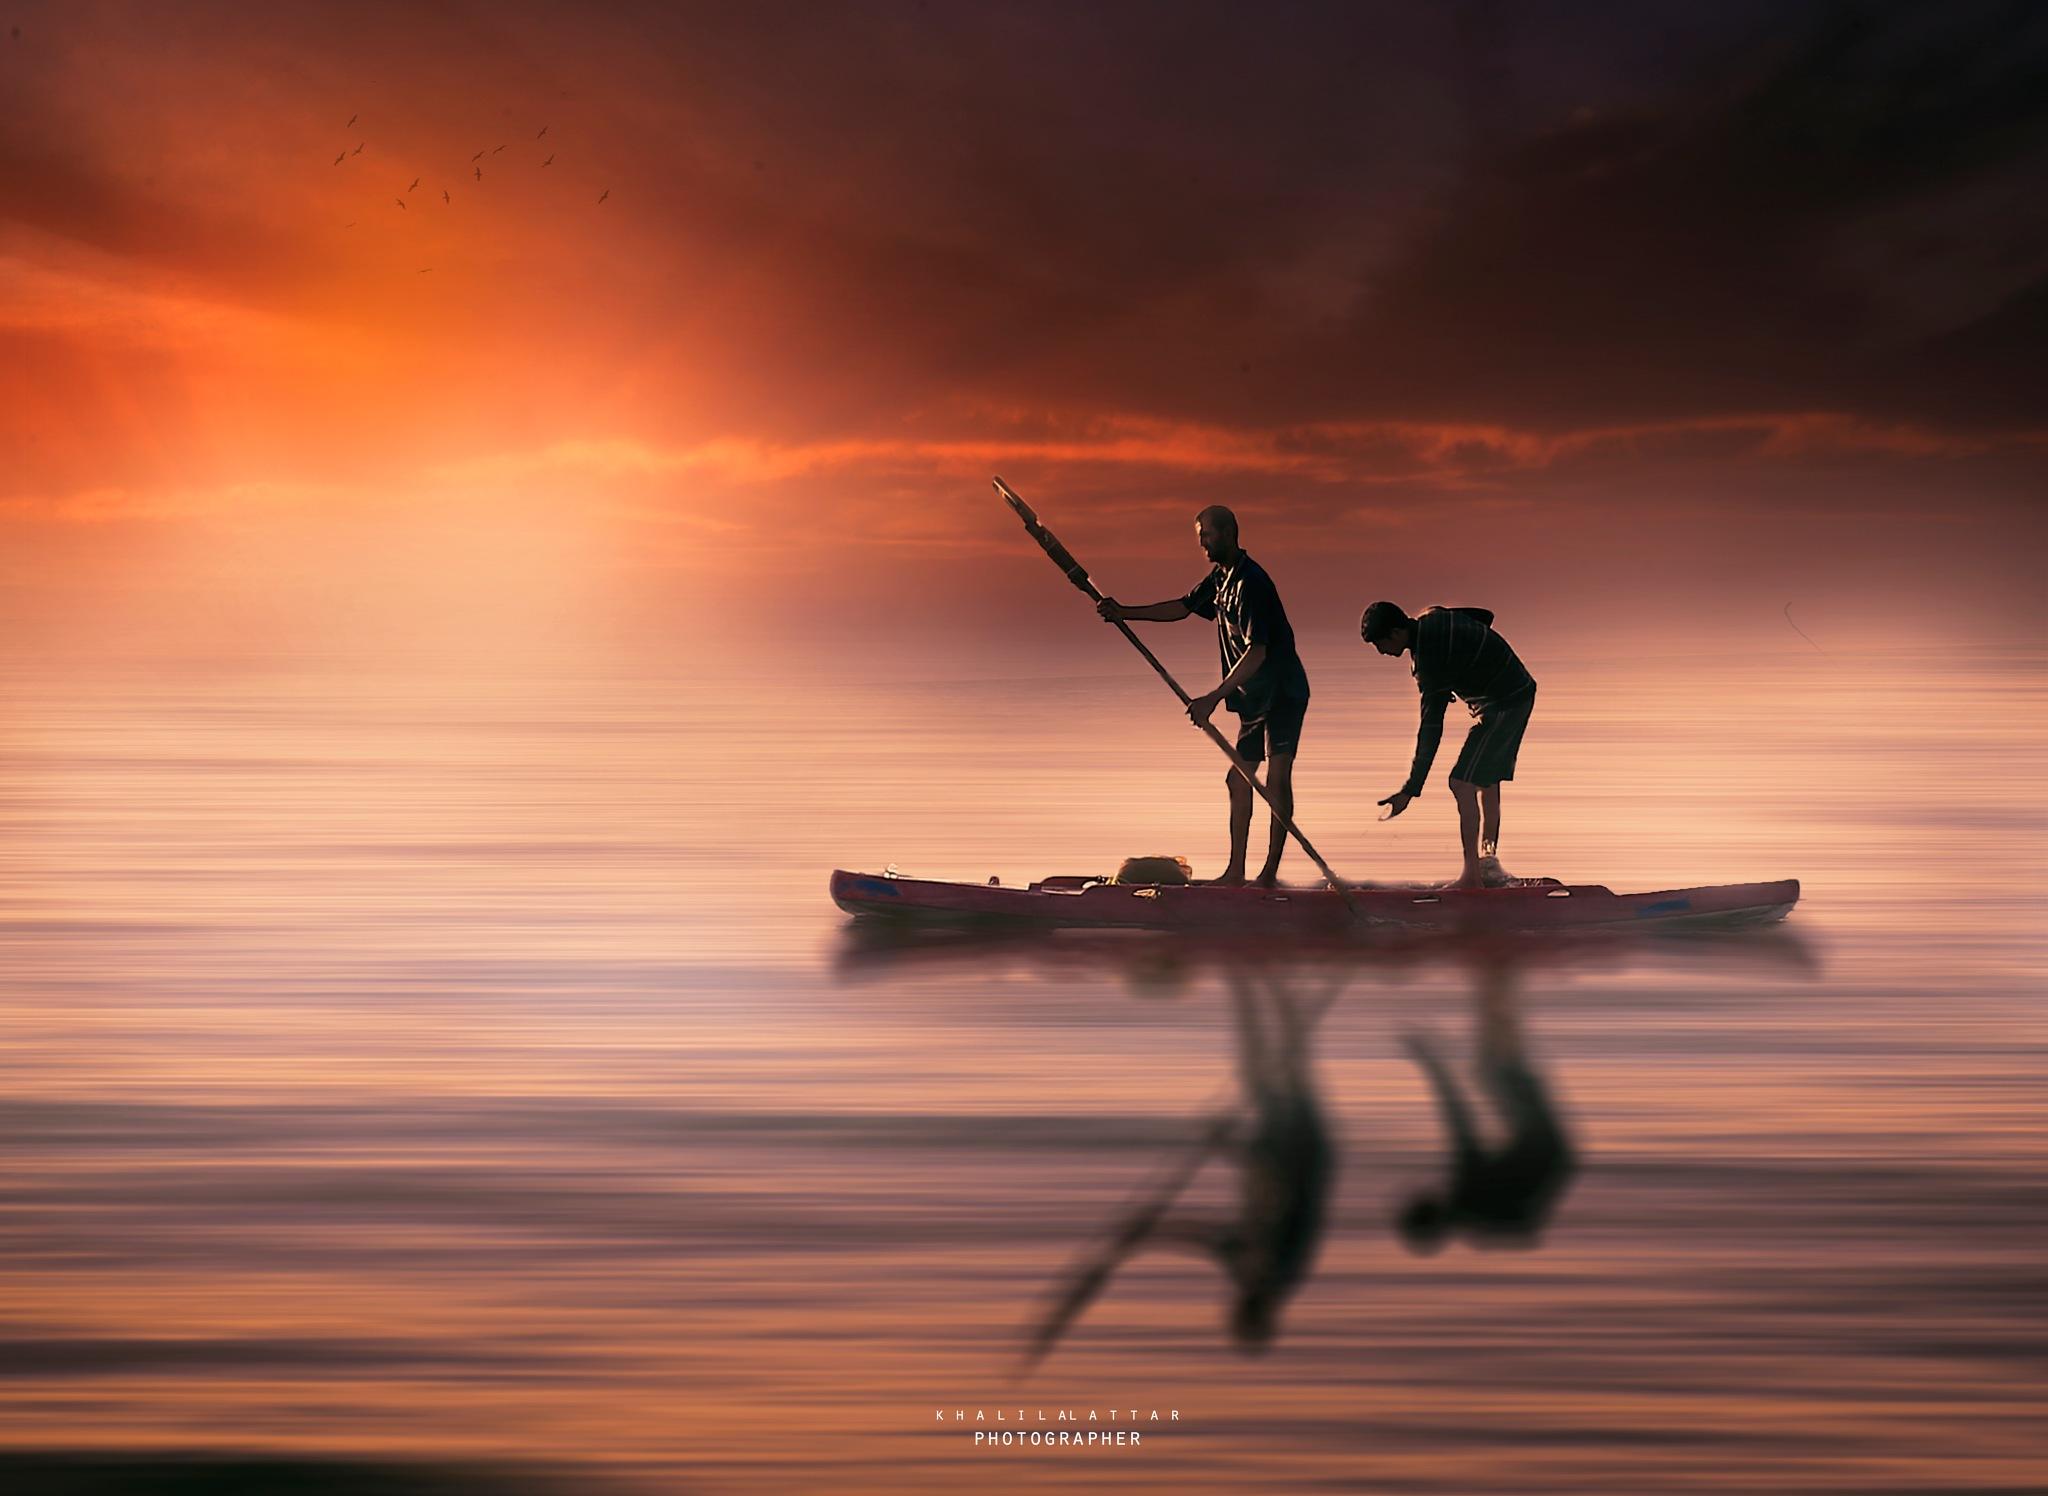 Untitled by Khalil Wael